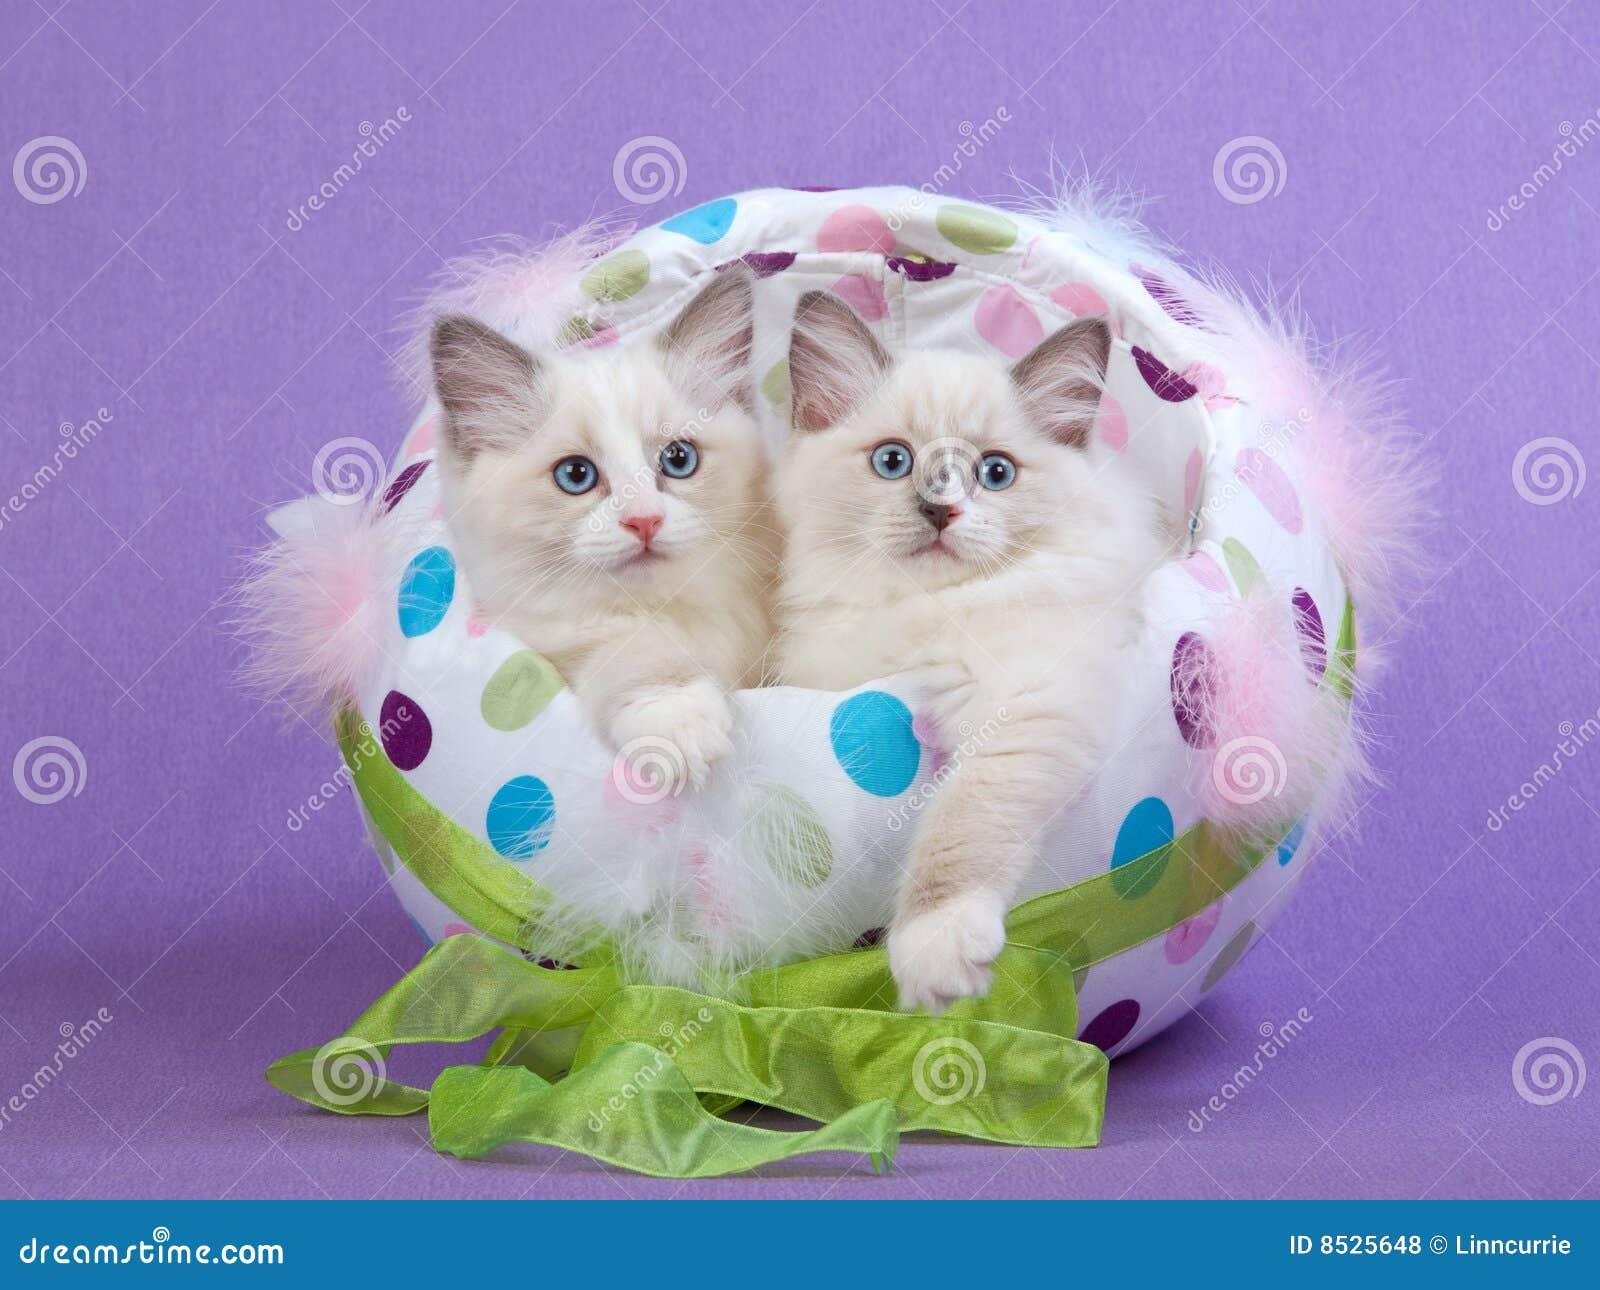 2 Cute Ragdoll kittens in Easter Egg